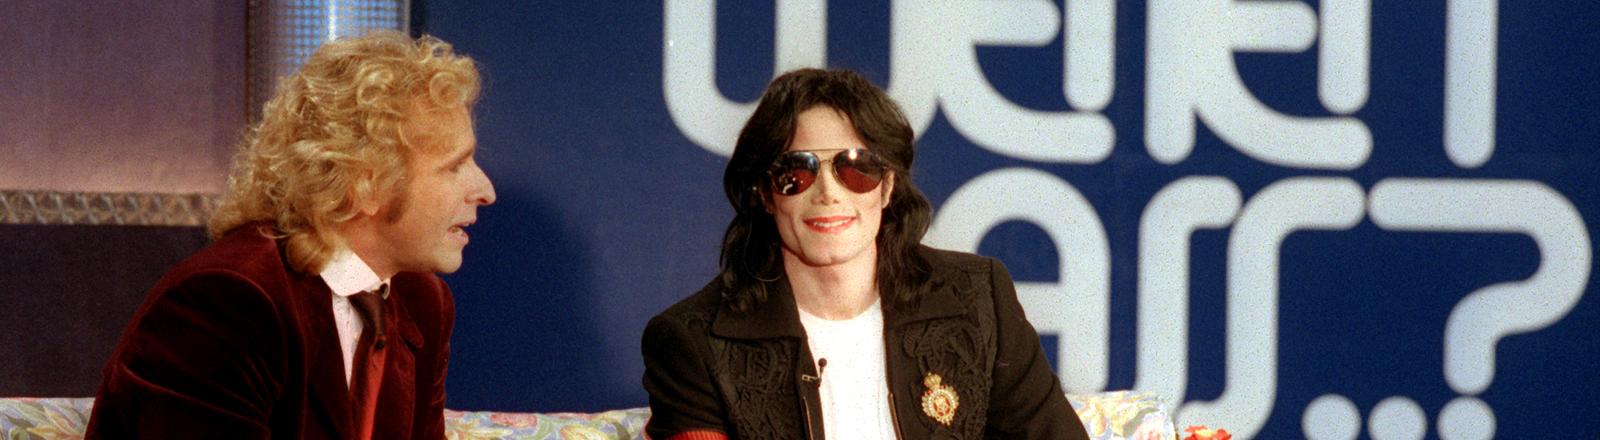 """Eine Samstagabendshow mit richtig großen Momenten: Der King of Pop 1999 auf dem """"Wetten dass...?"""" Sofa."""